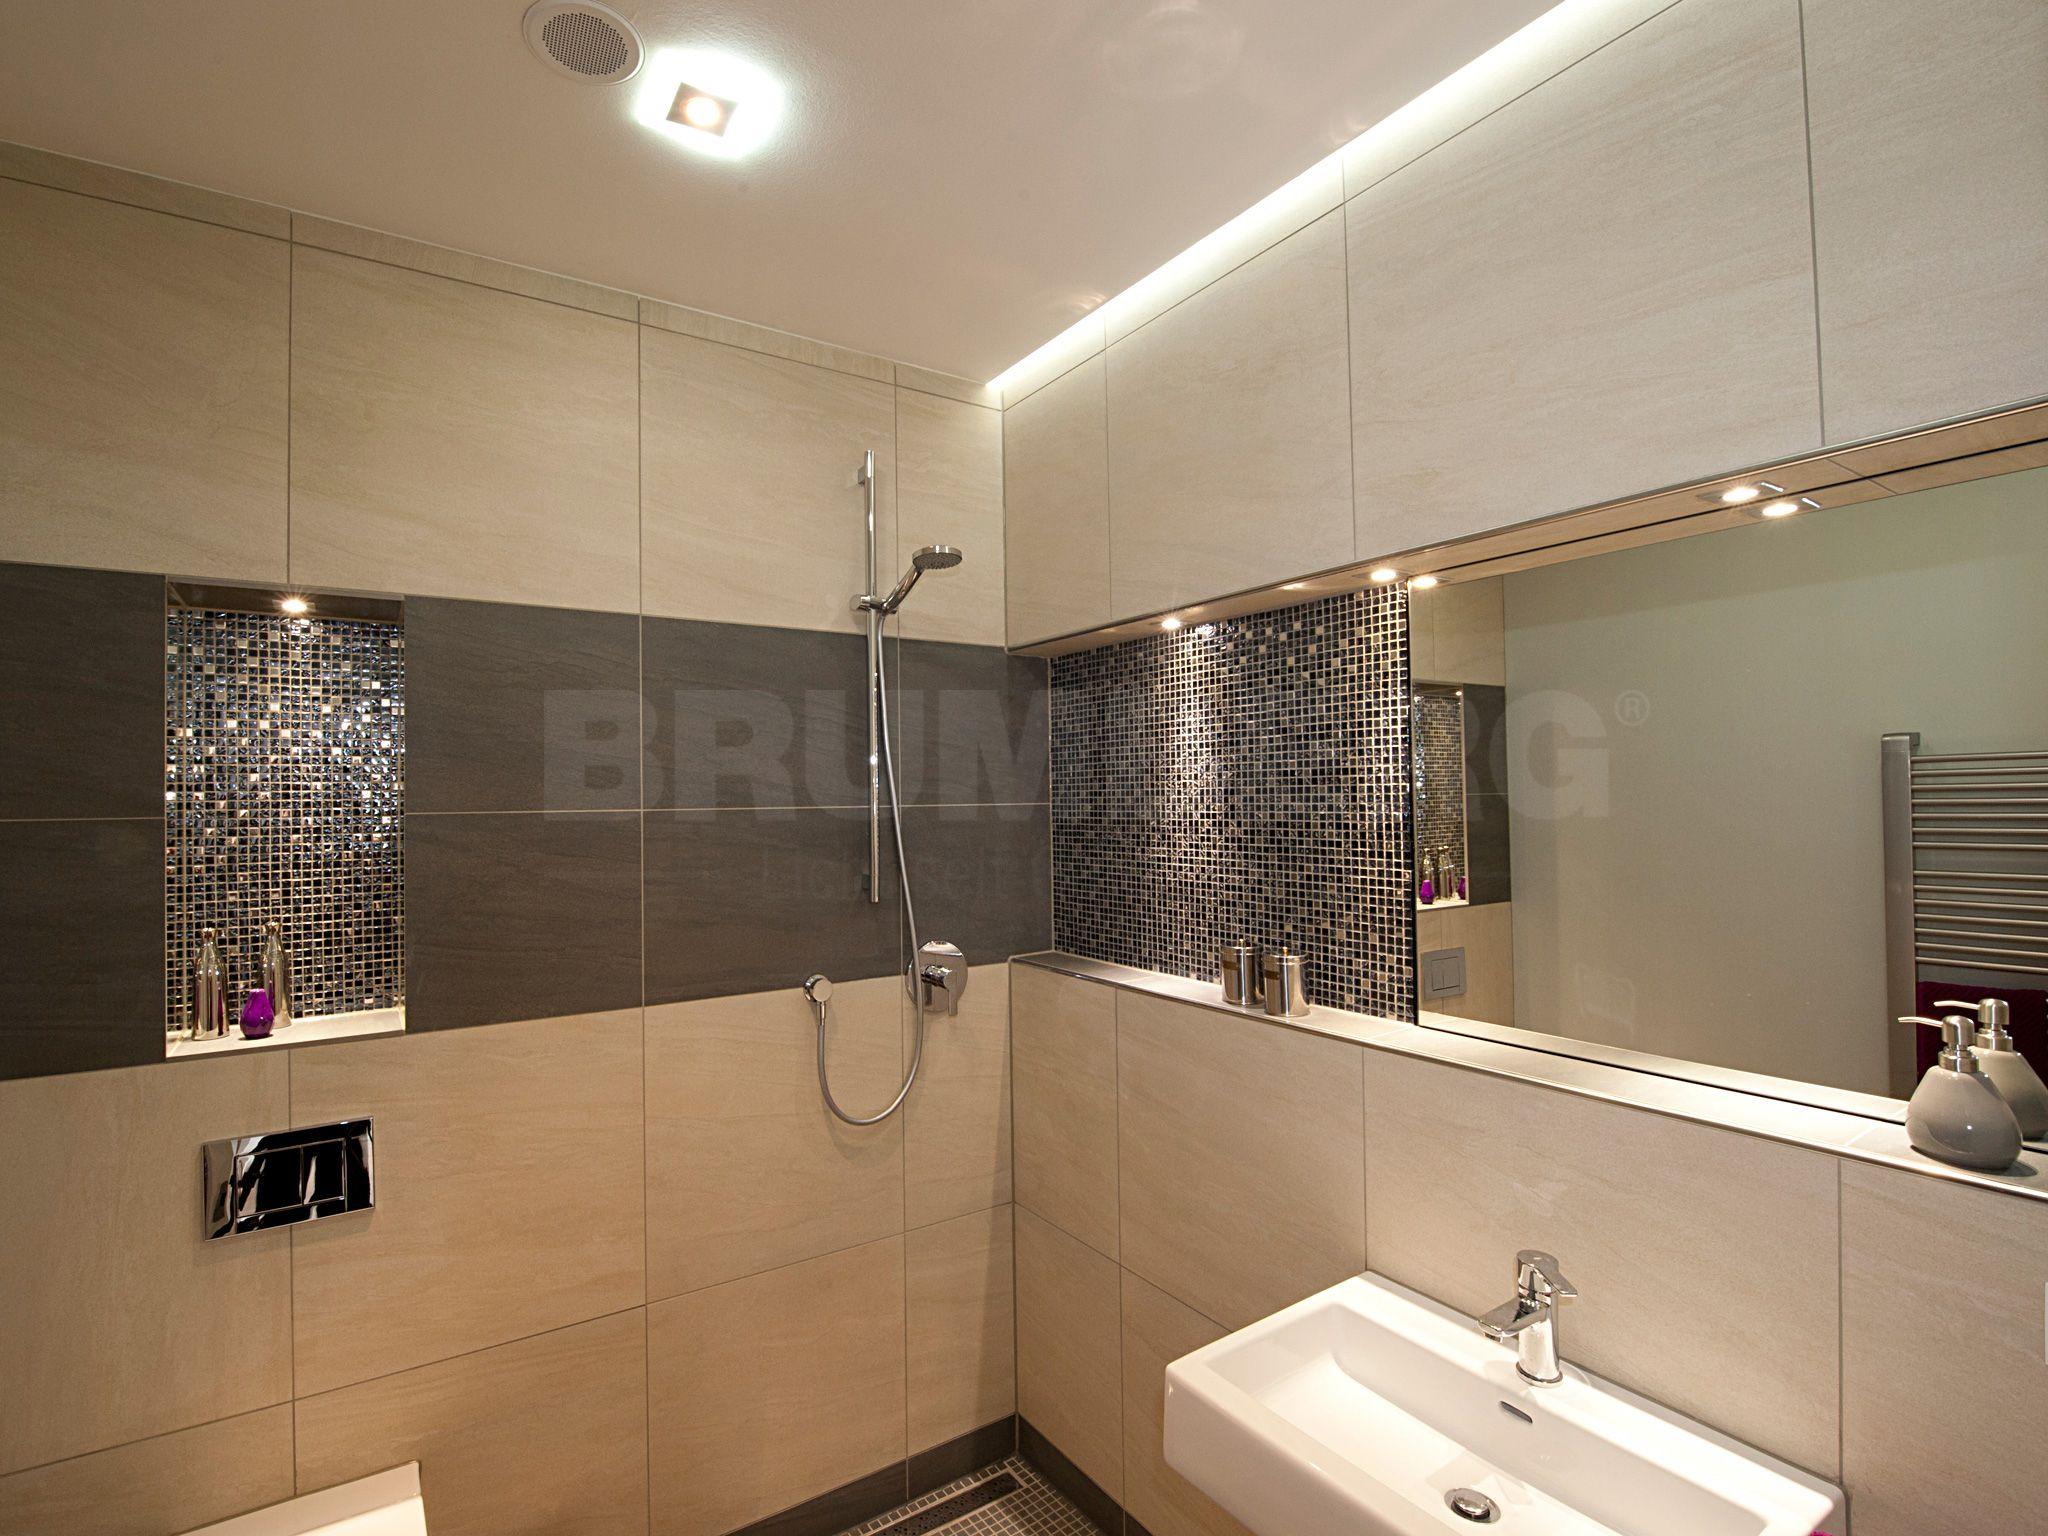 Badezimmer Beleuchtung Led | Jtleigh.com - Hausgestaltung Ideen Led Ideen Badezimmer